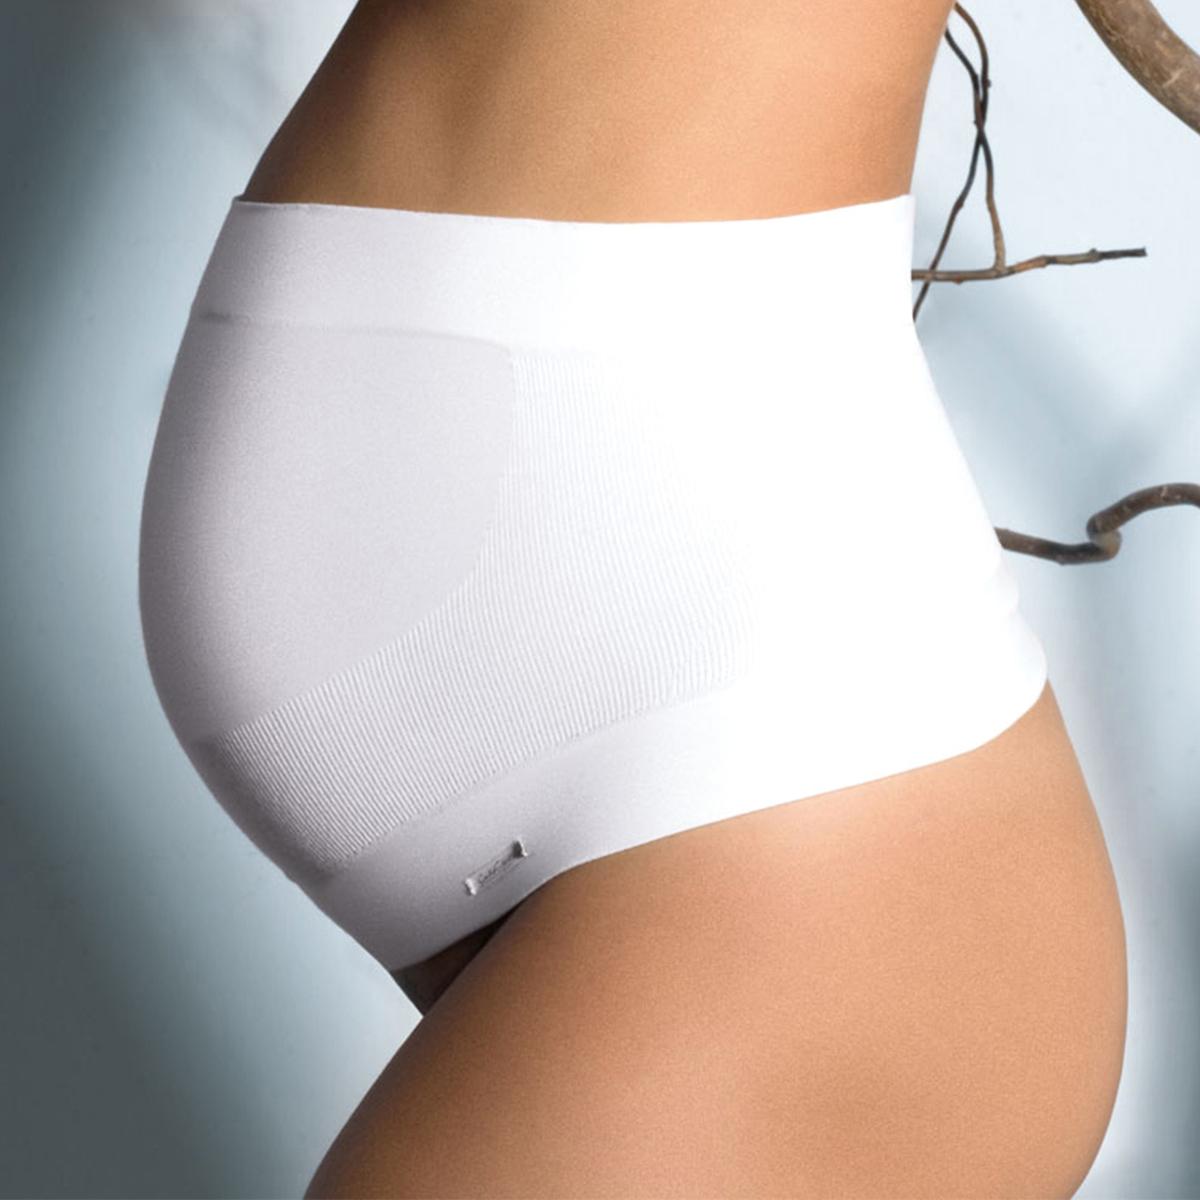 Бандаж поддерживающий для периода беременности Bio SignatureСостав и описание               Материал      86% хлопка, 10% полиамида, 4% эластана                Марка    CACHE-C?UR                              Уход                                             Машинная стирка при 30 °C<br><br>Цвет: экрю<br>Размер: S